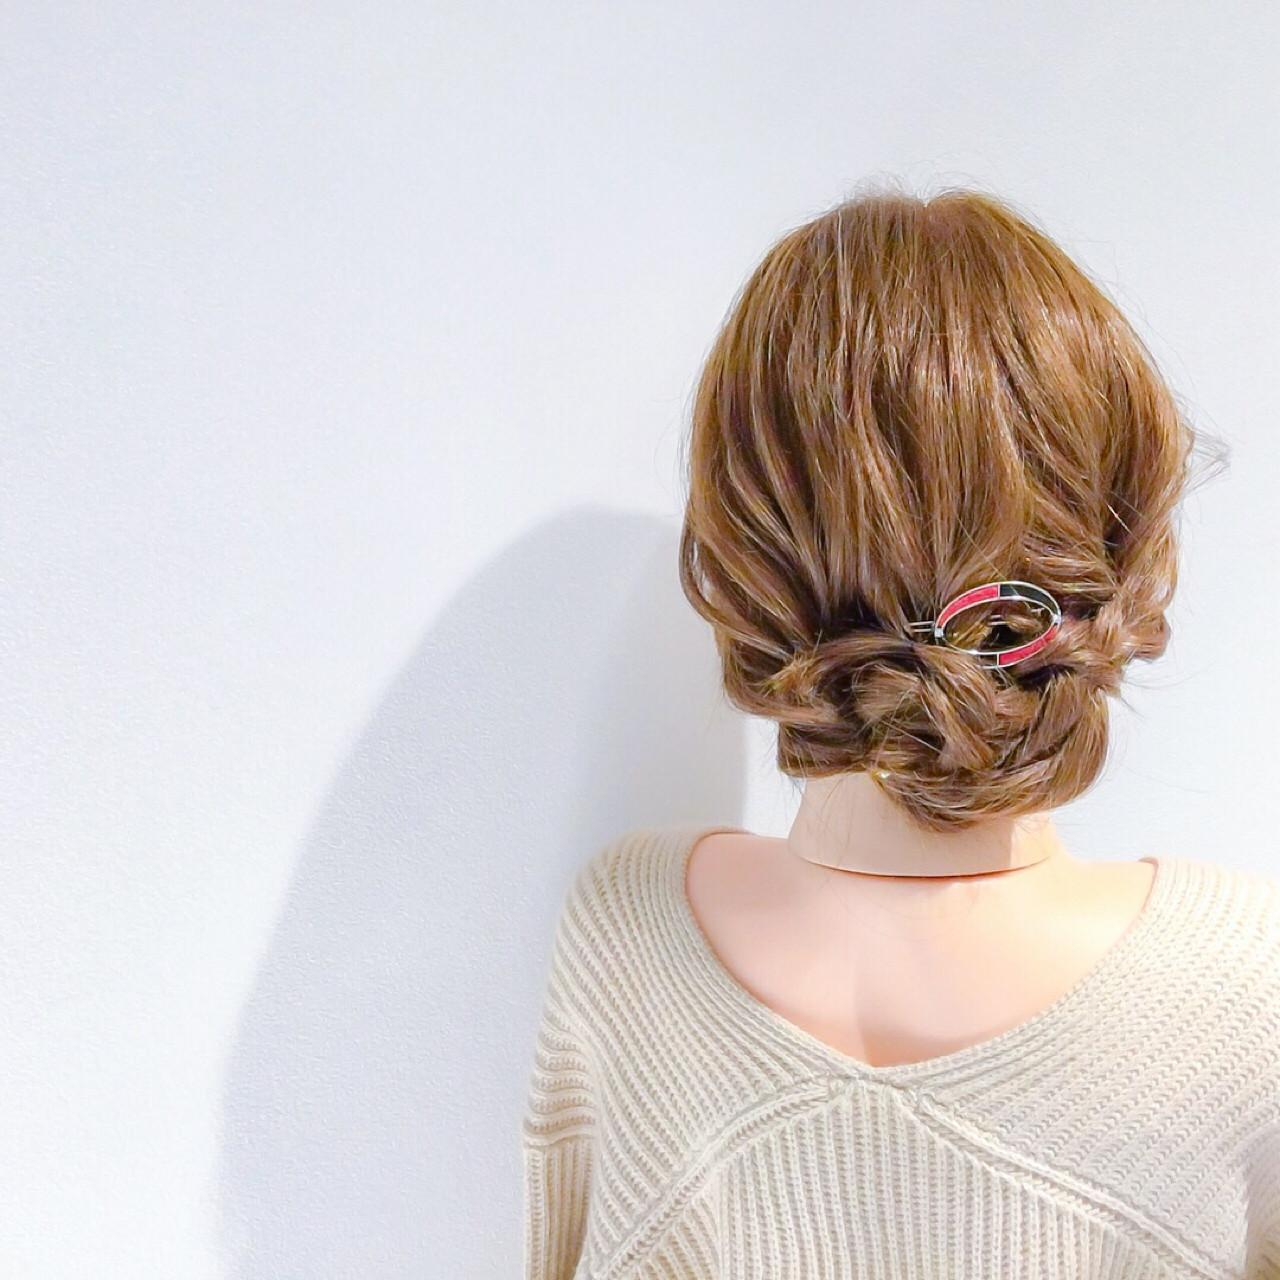 上品 エレガント ヘアアレンジ 簡単ヘアアレンジ ヘアスタイルや髪型の写真・画像 | 美容師HIRO/Amoute代表 / Amoute/アムティ